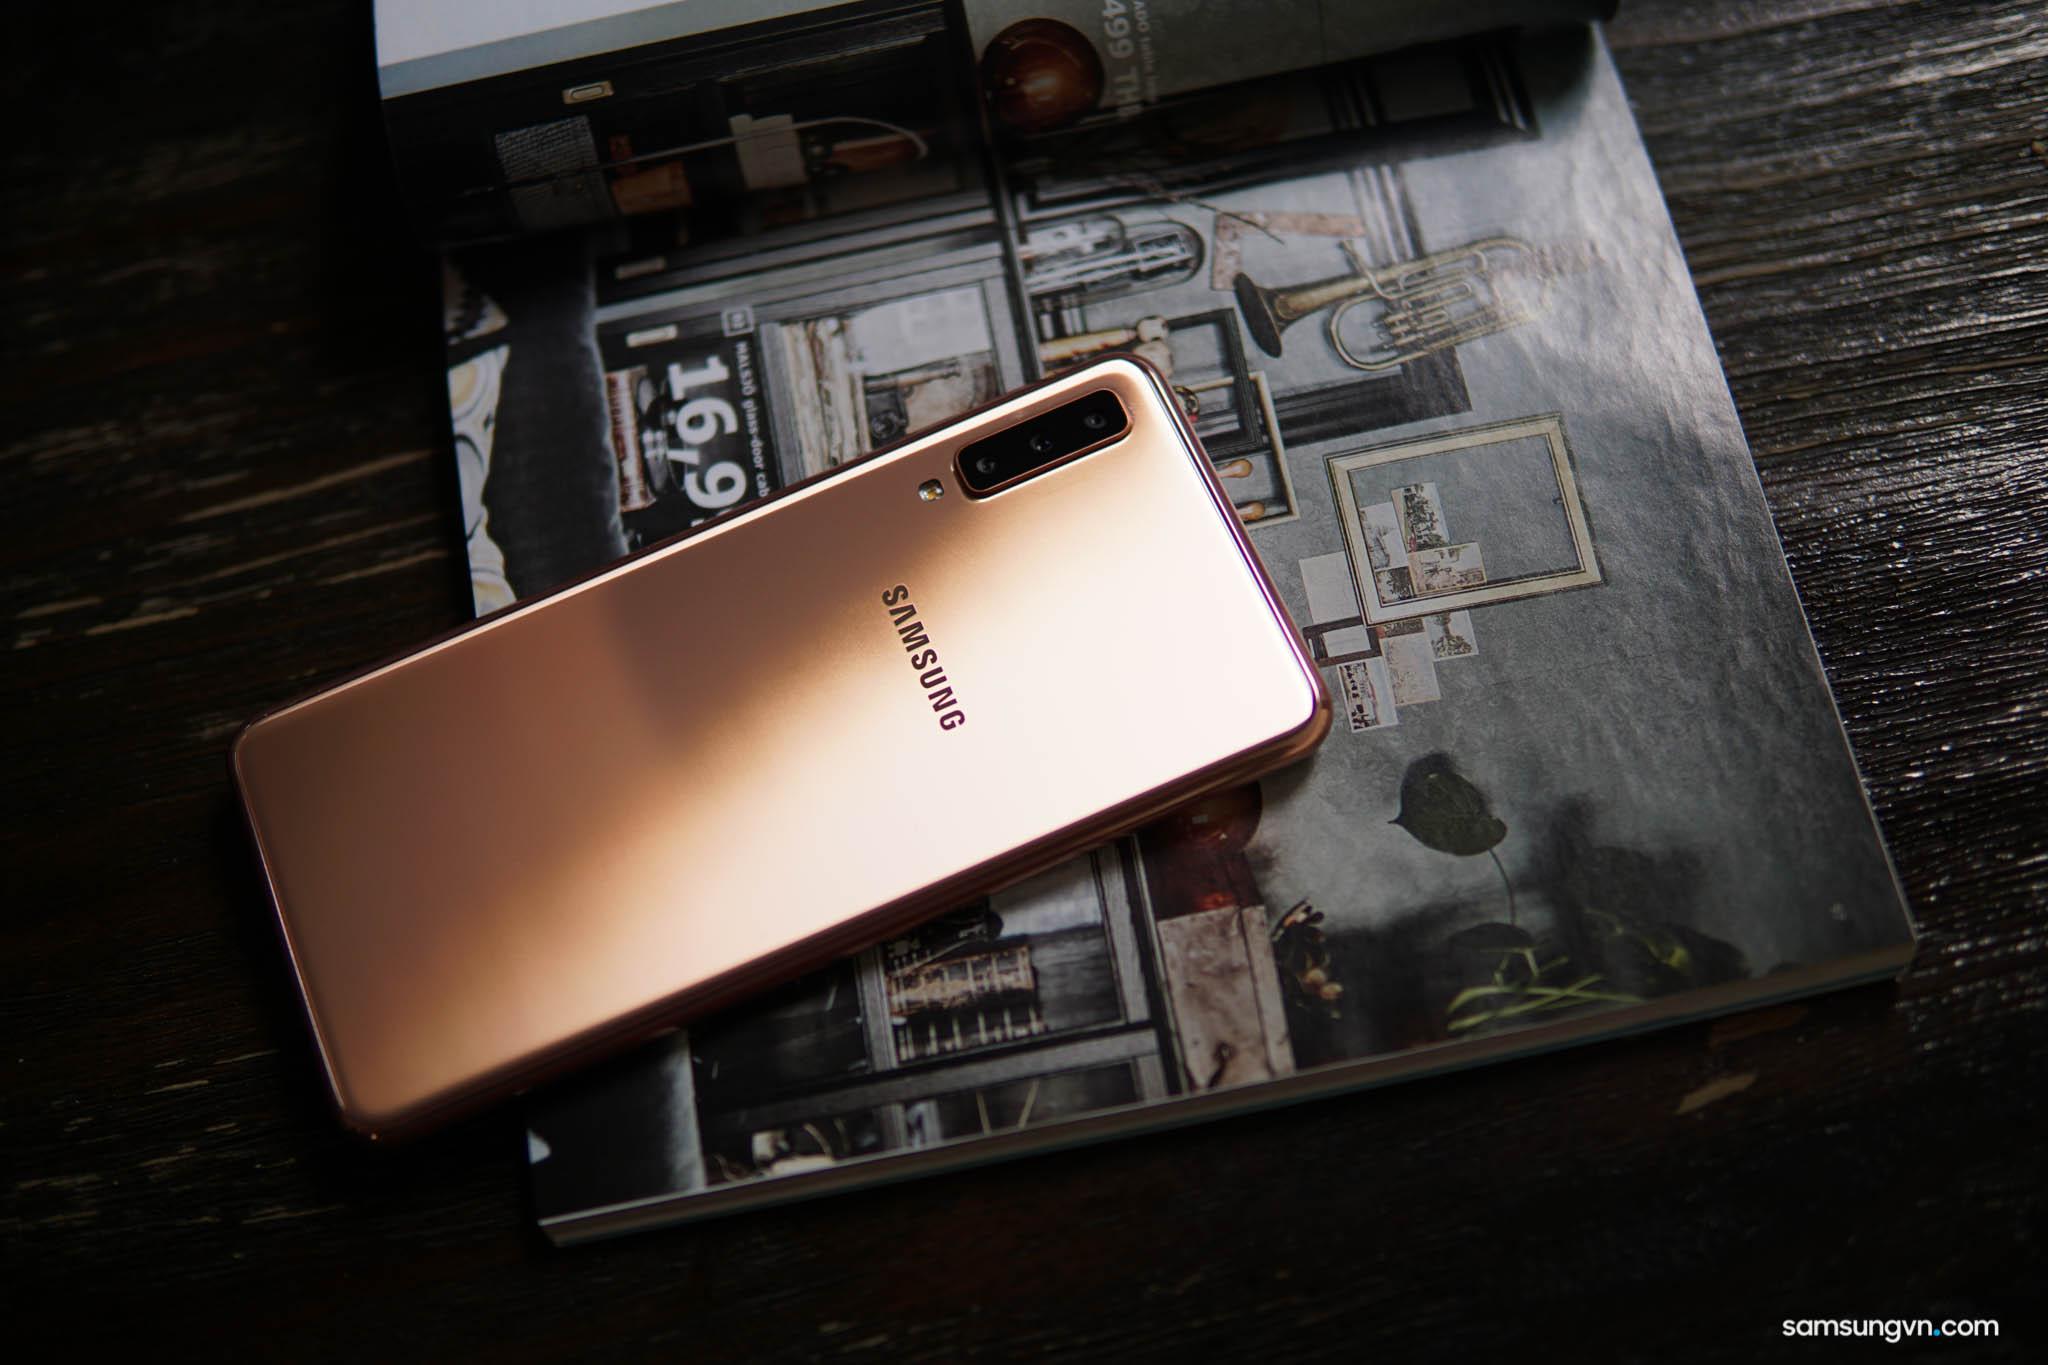 """Samsung Galaxy A7 """"hiện thân"""" của Galaxy A9 sở hữu các tính năng cao cấp trong tầm giá 7 triệu"""